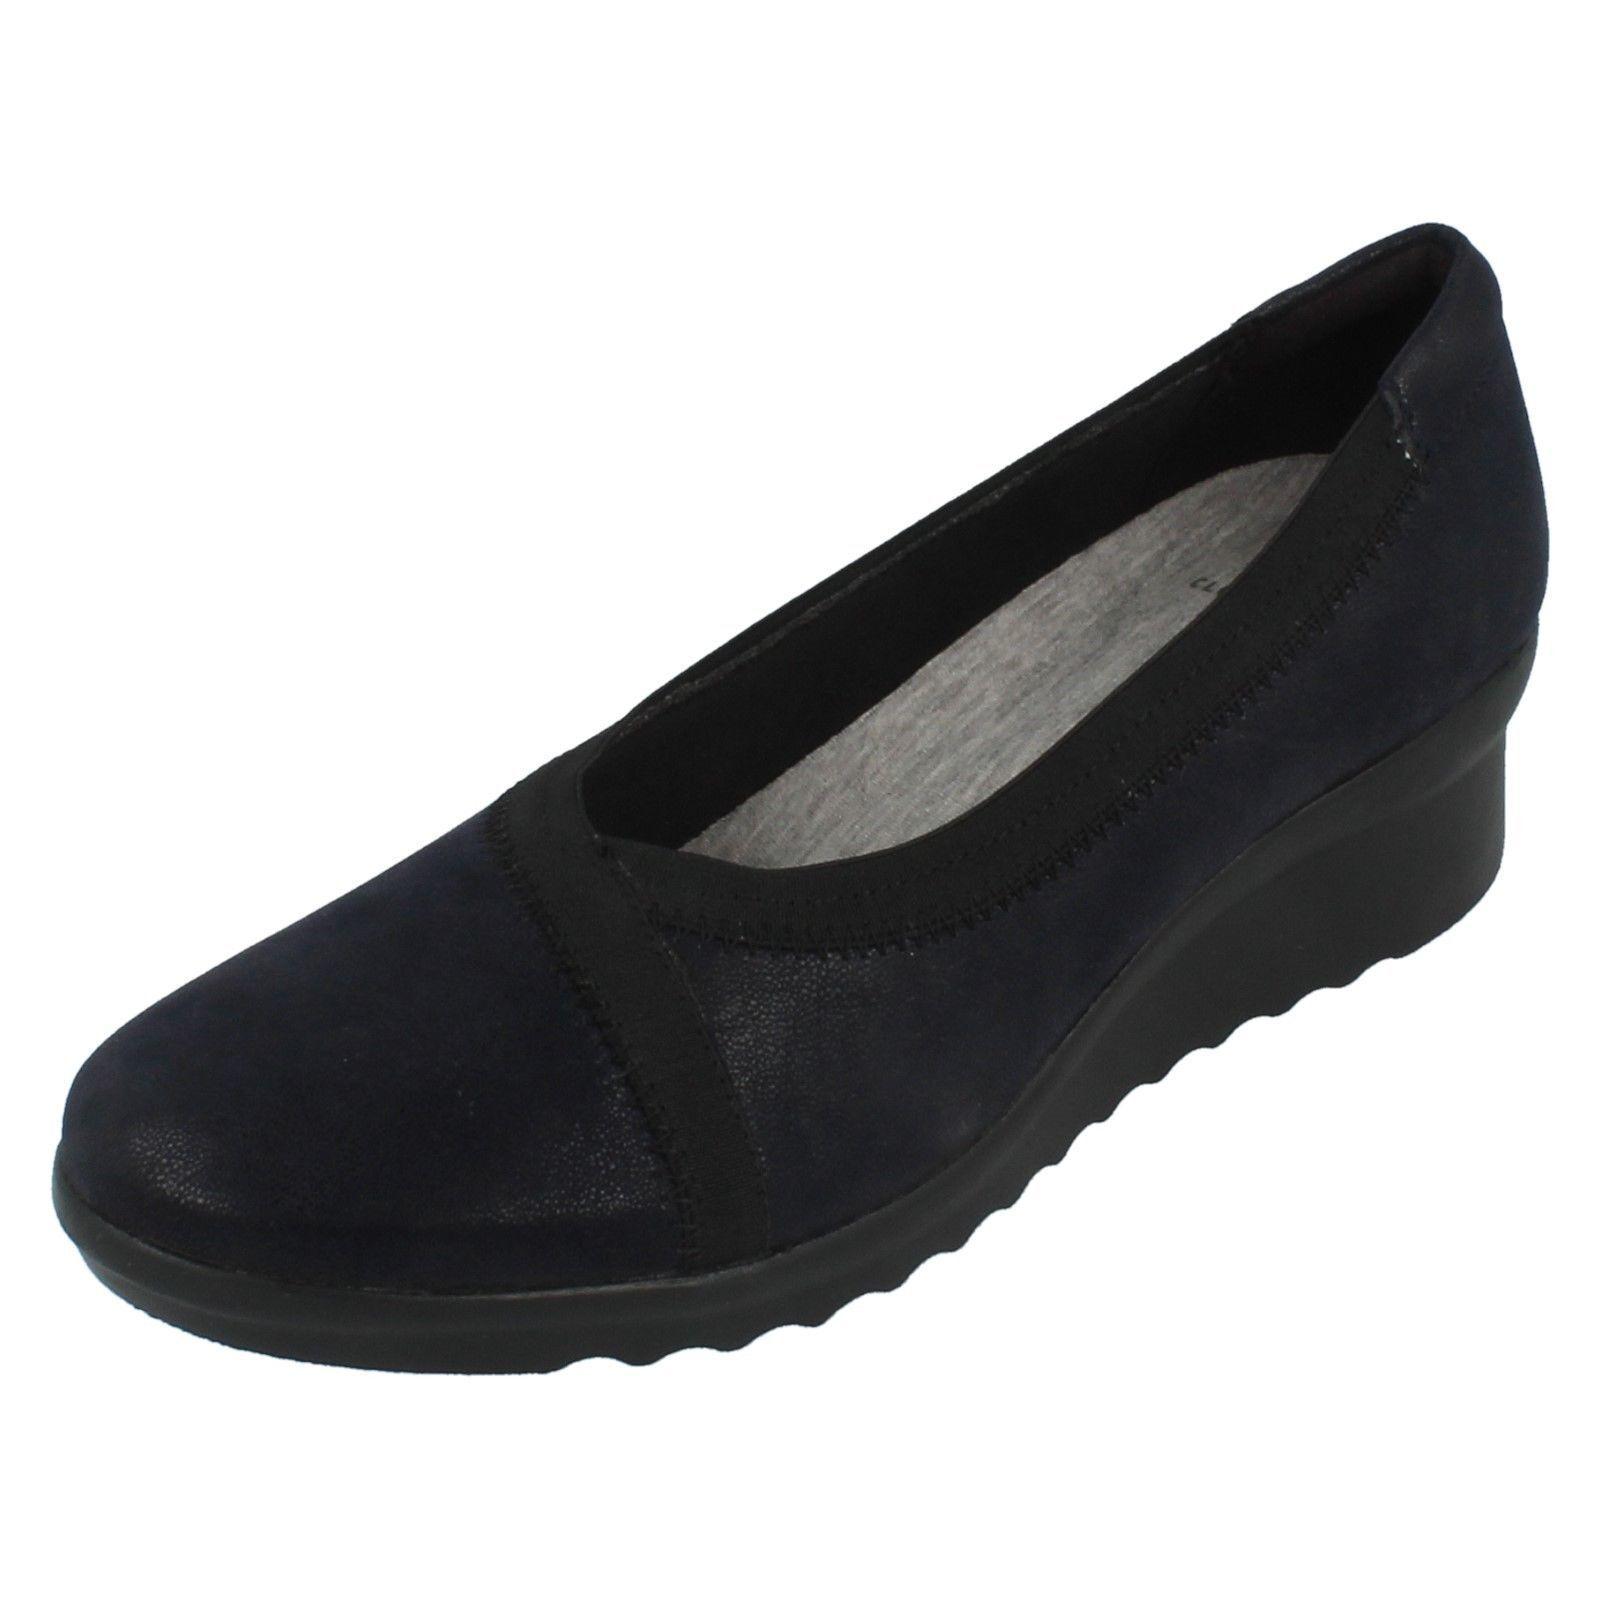 Damen Clarks Schuhe Cloudsteppers ohne Bügel Keilabsatz Schuhe Clarks Caddell Sprint e6294f